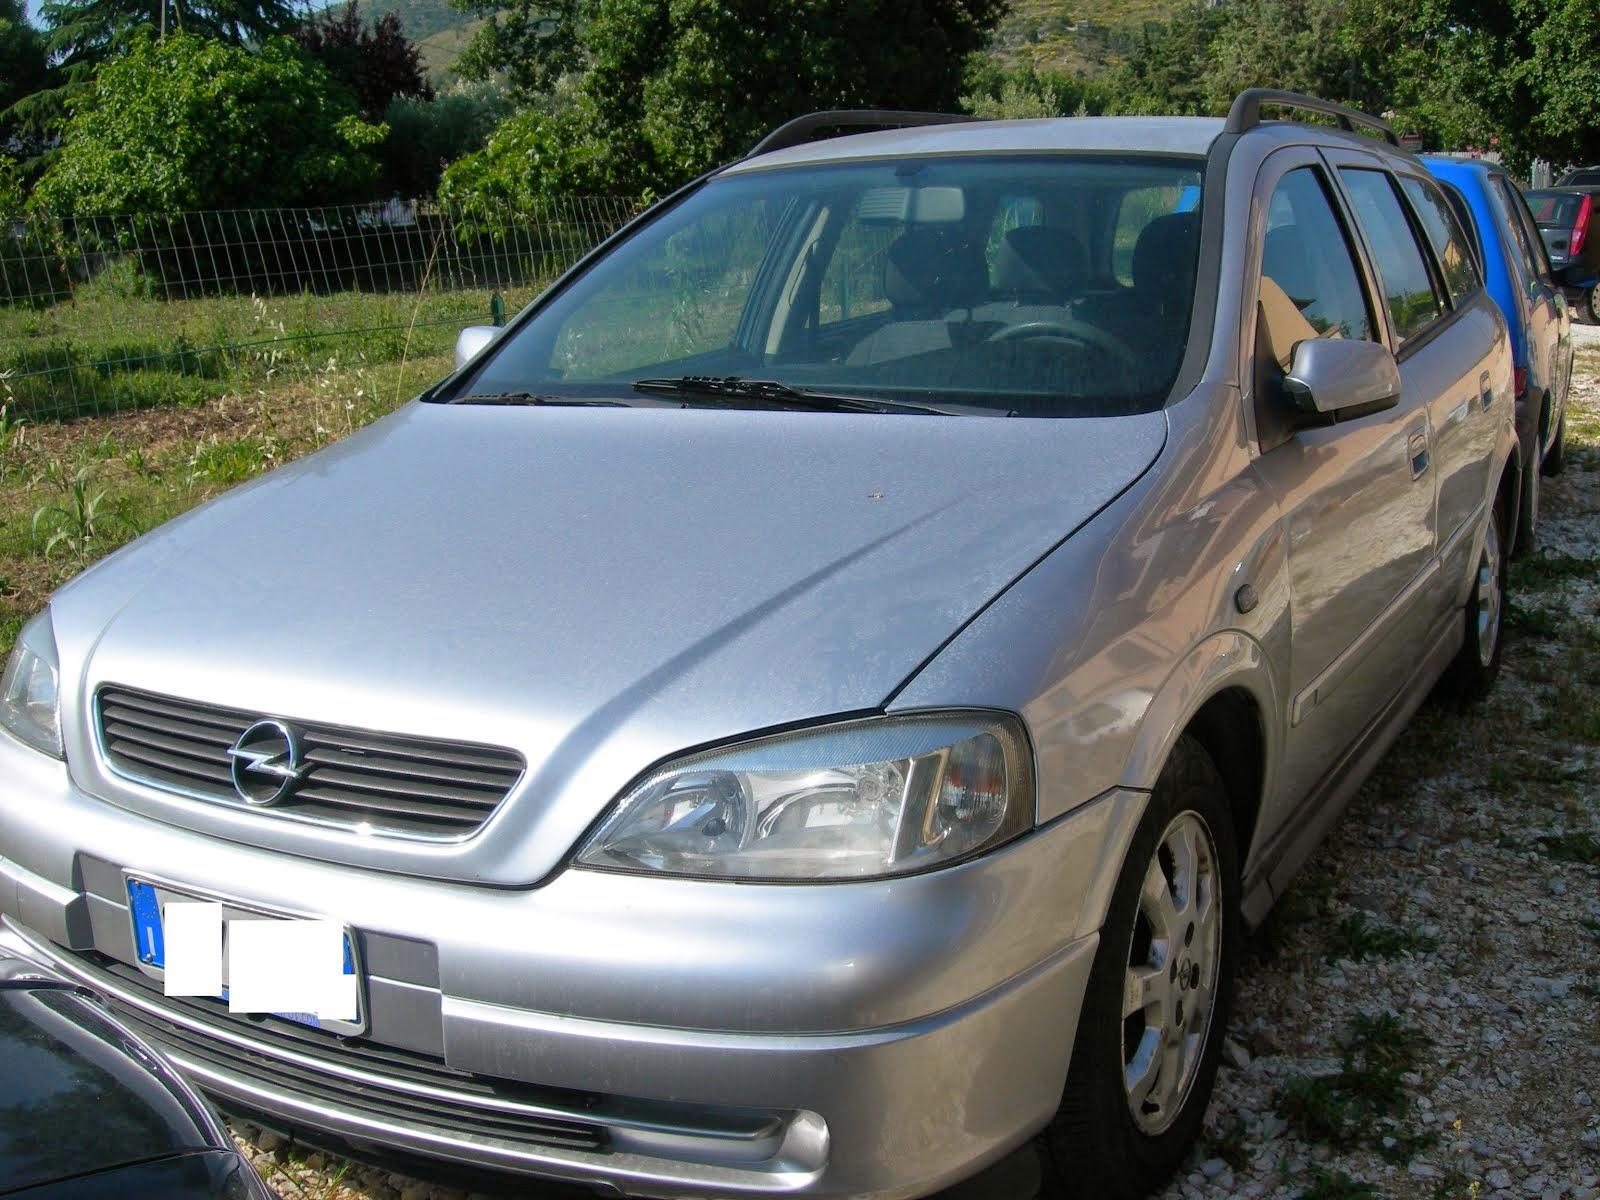 Opel Astra 1.7  TDI Anno 2004 con clima -cerchi in lega- trasporto promiscuo 3.000,00 Euro